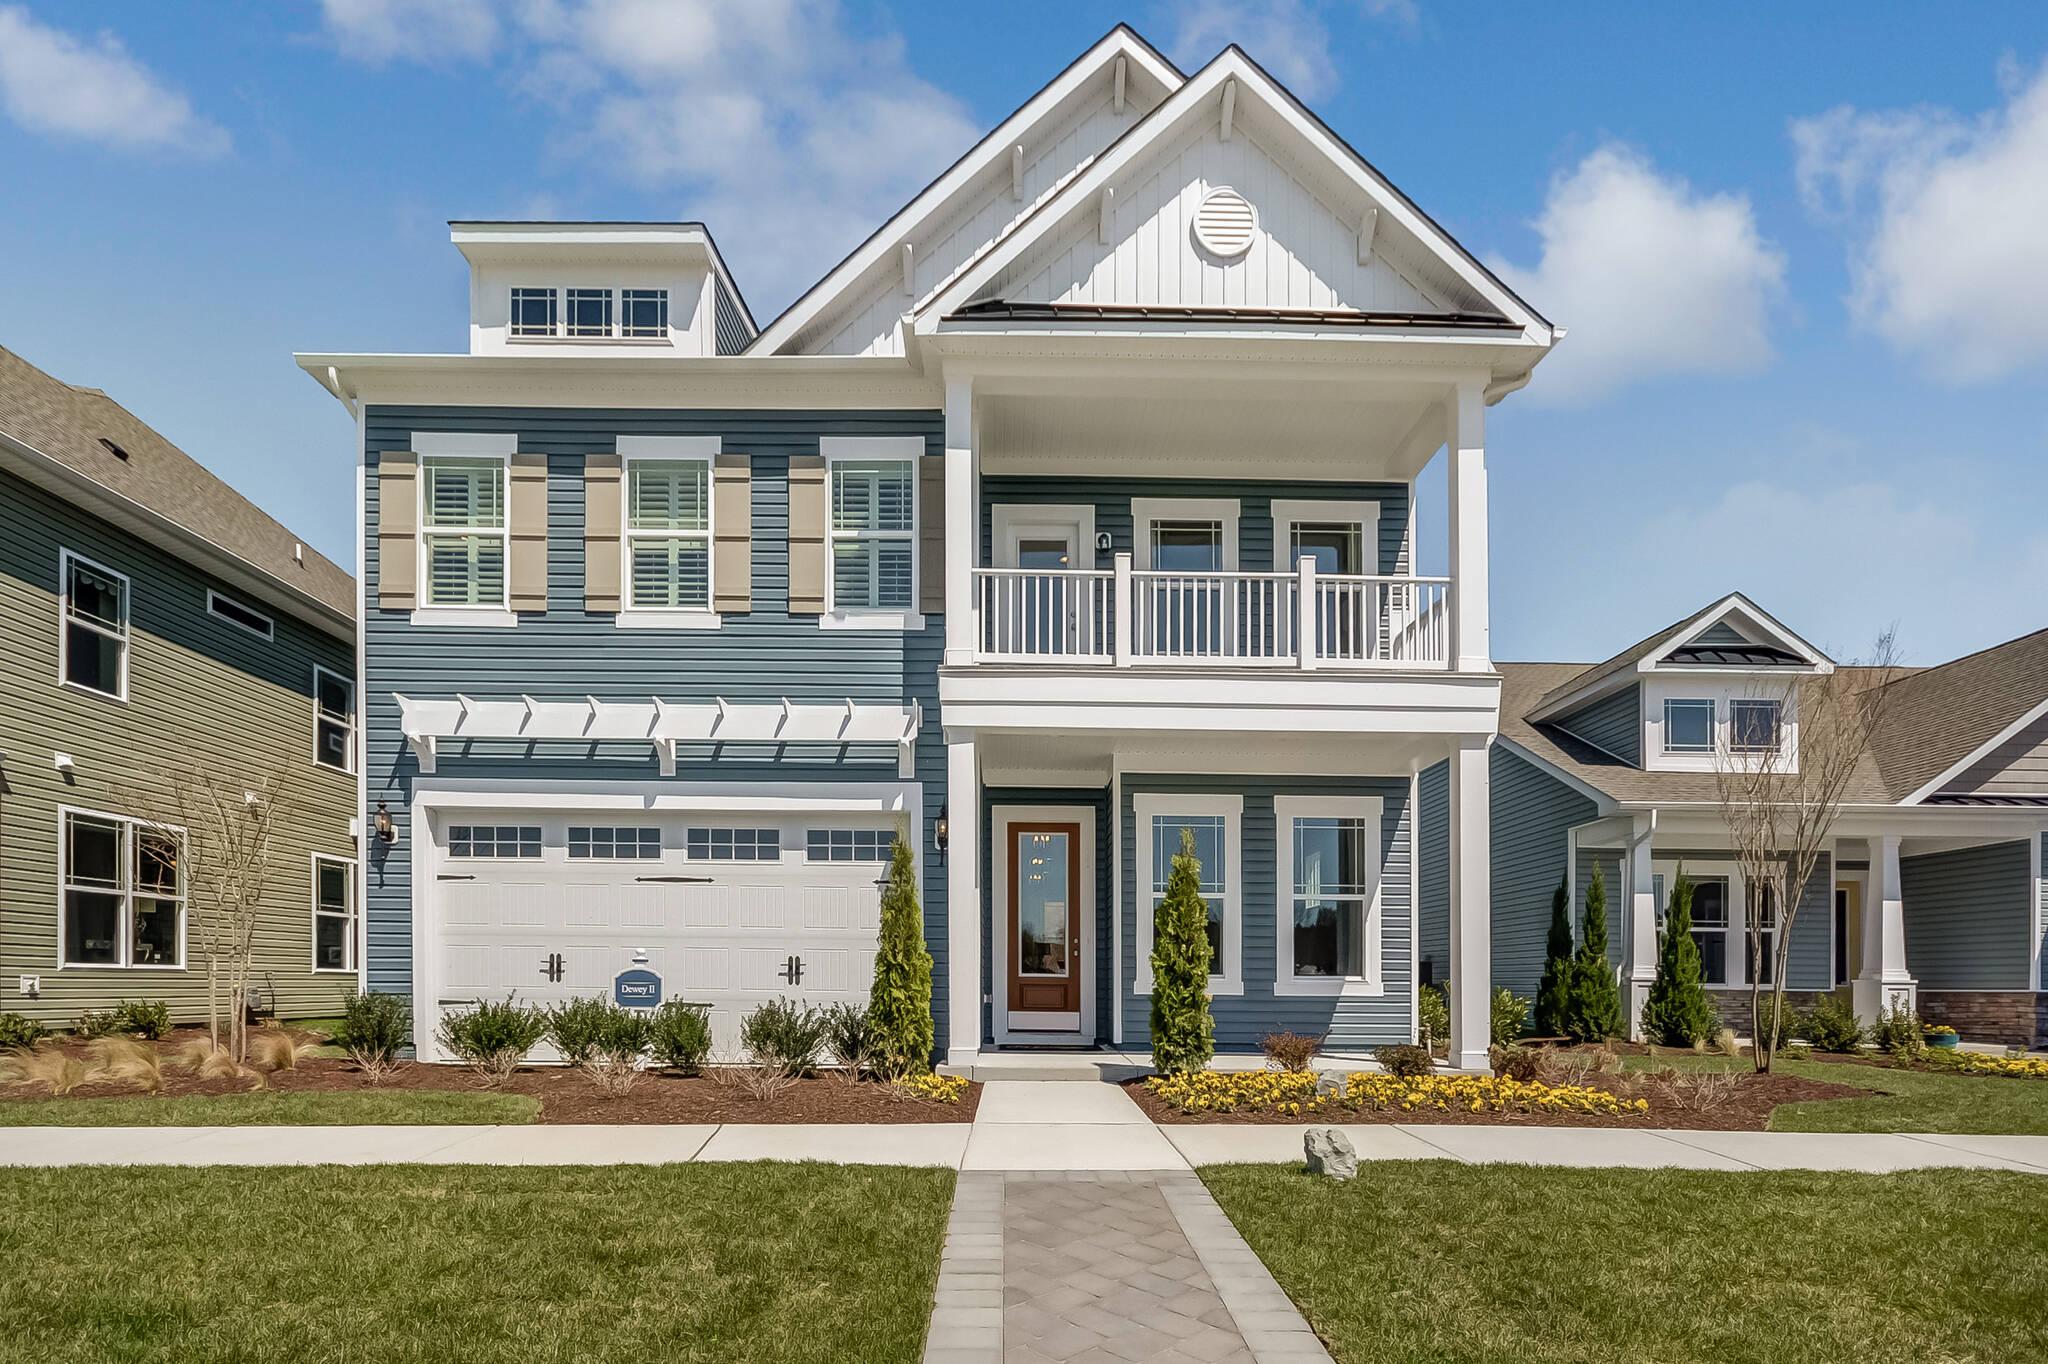 dewey II cs new homes at ocean view beach club in delaware